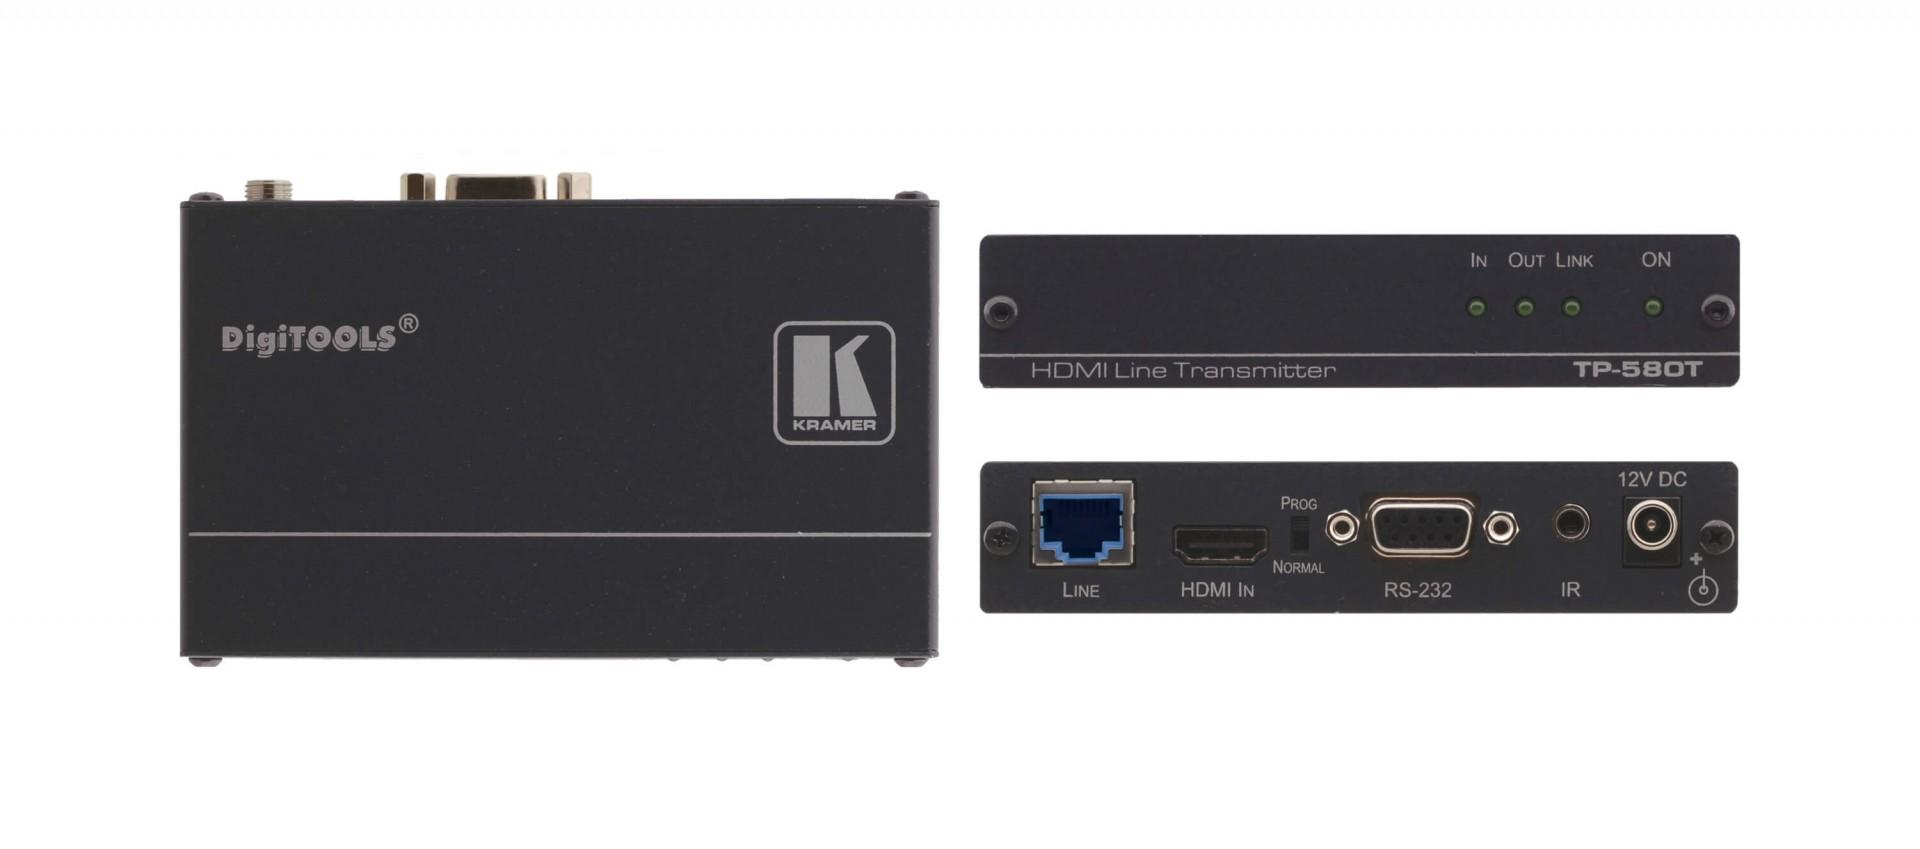 Kramer TP-580T - 4K60 4:2:0 HDMI HDCP 2.2 Transmitter